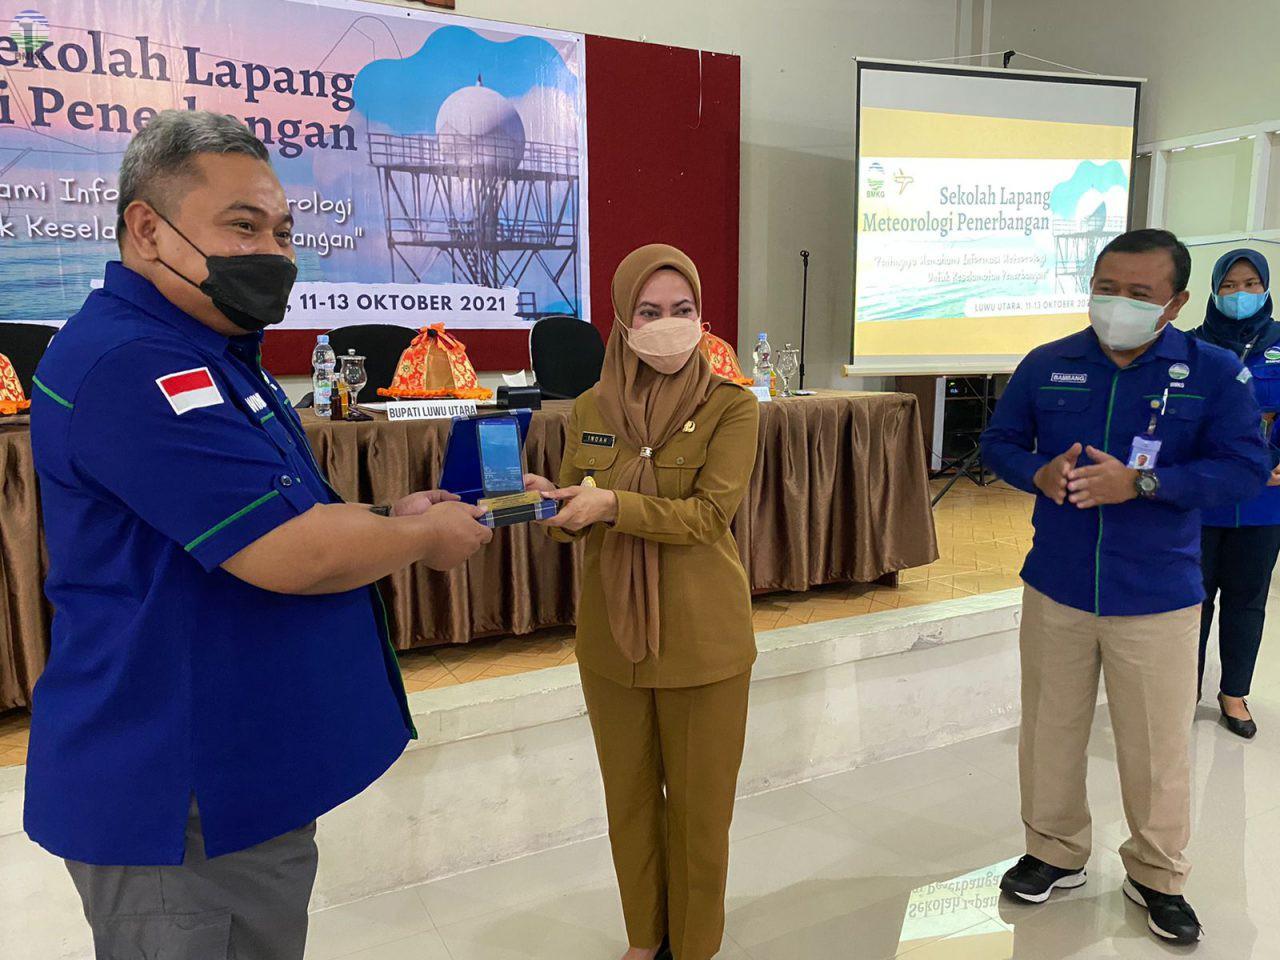 Giat Sekolah Lapang Penerbangan di Provinsi Sulawesi Selatan